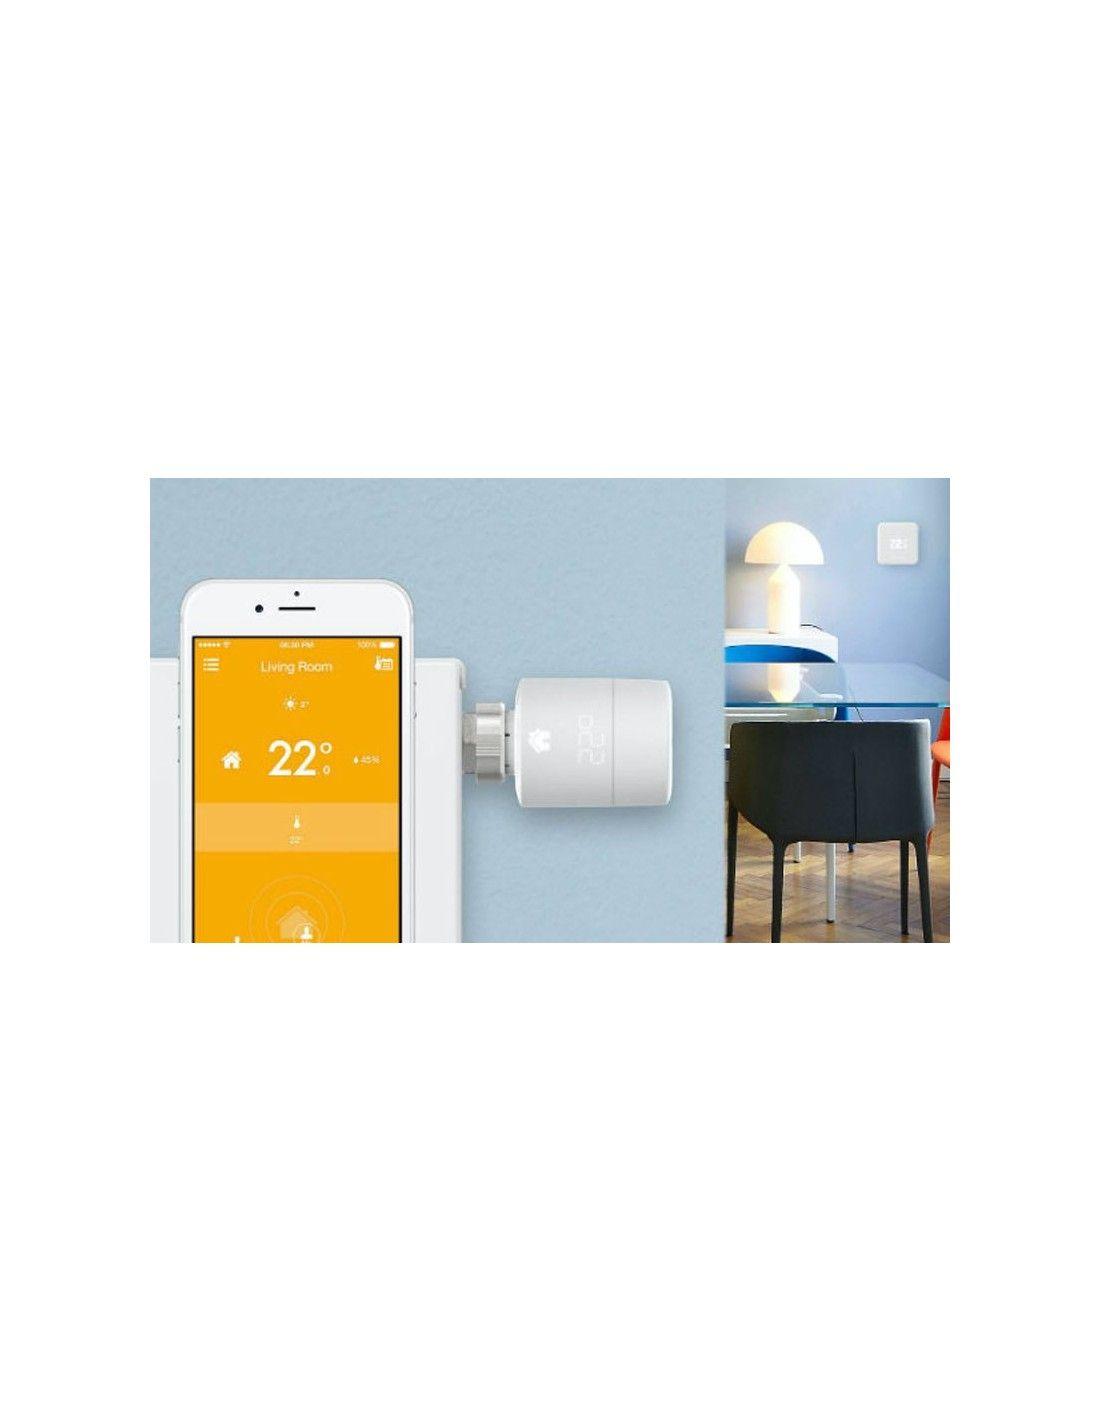 Großzügig Honeywell Thermostat Kabelverbindung Galerie - Die Besten ...